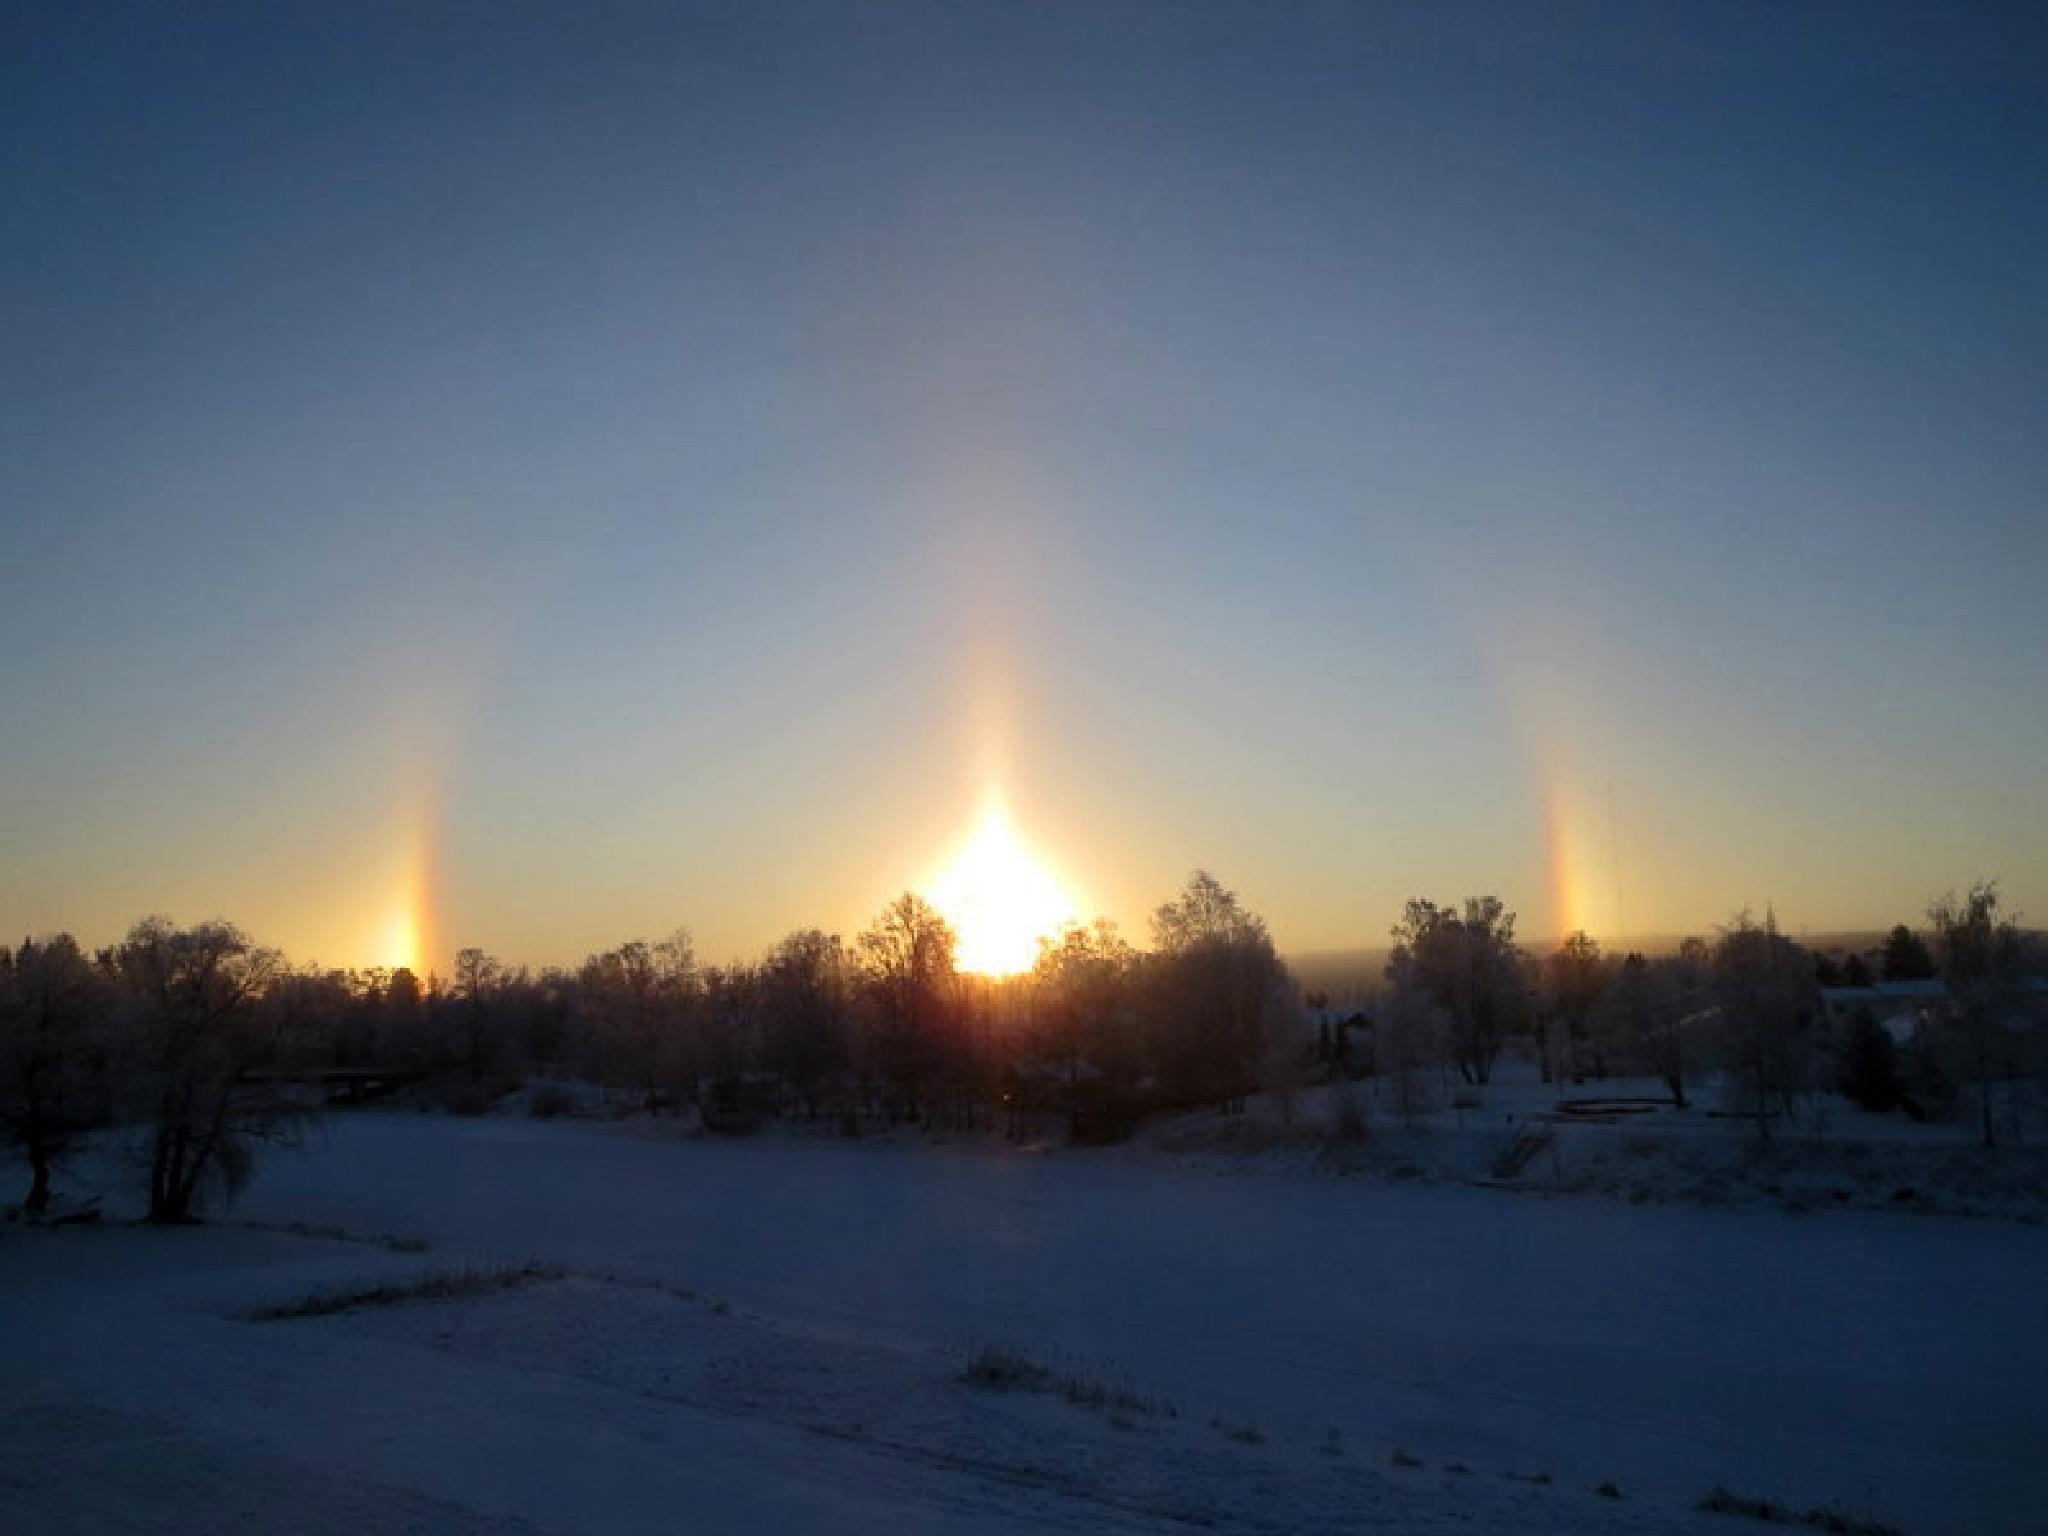 Halo phenomen in Finnish winter by evasojahannele